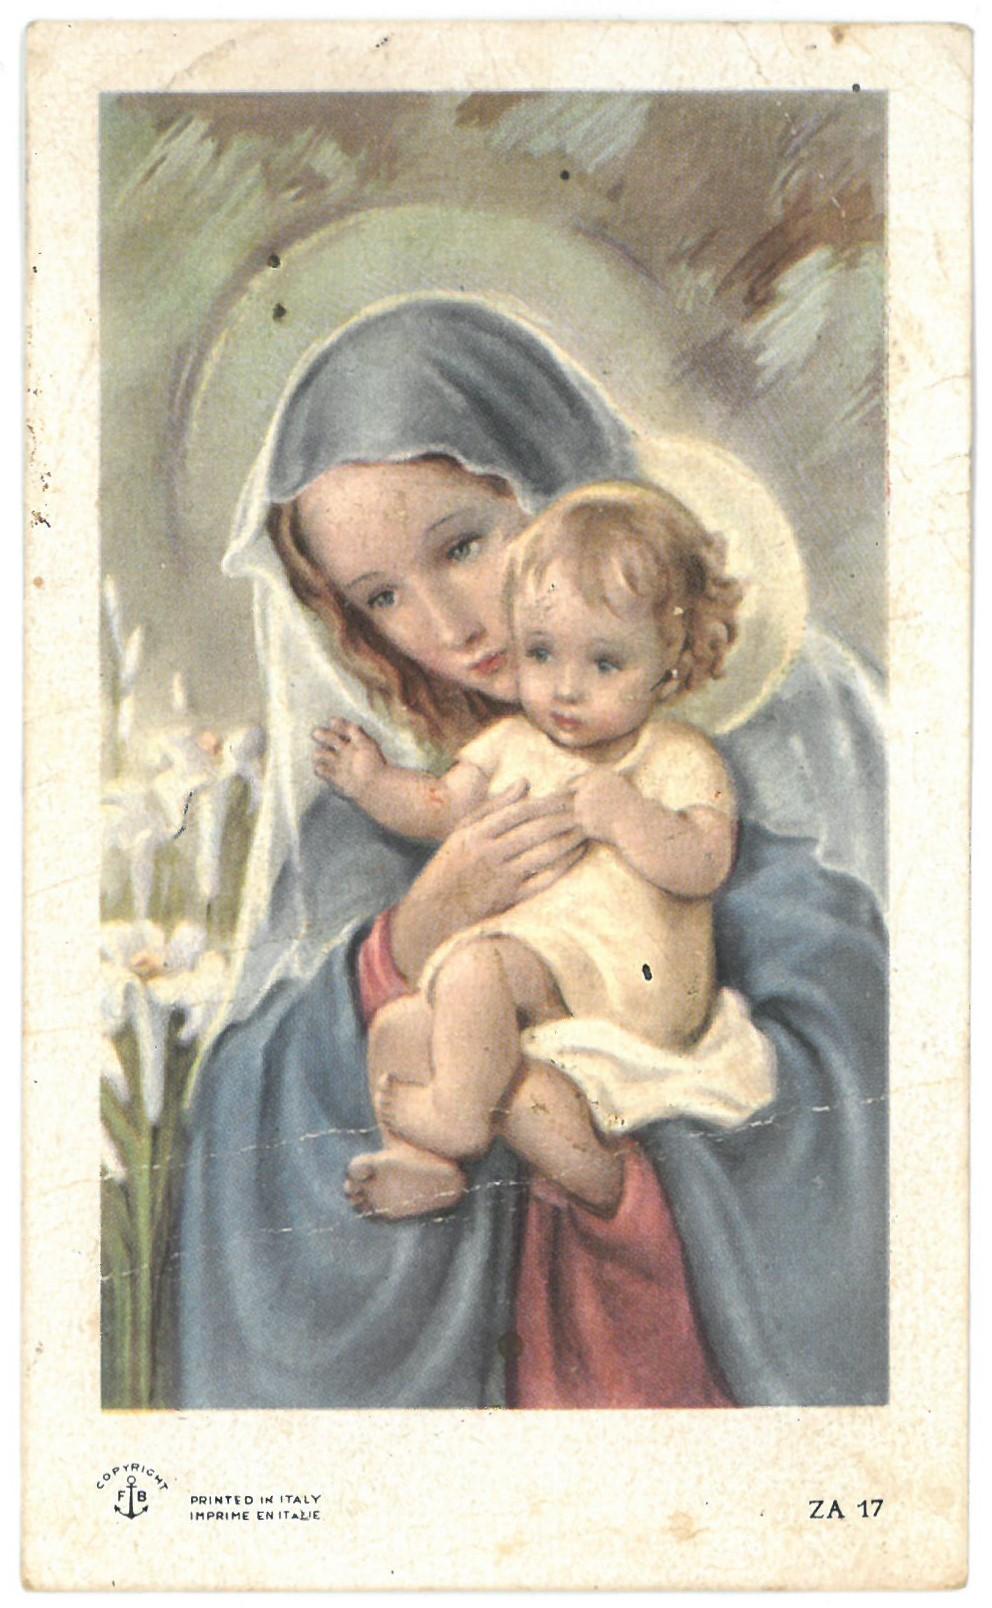 Religinis paveikslėlis. Švč. Mergelė Marija su Kūdikiu ant rankų